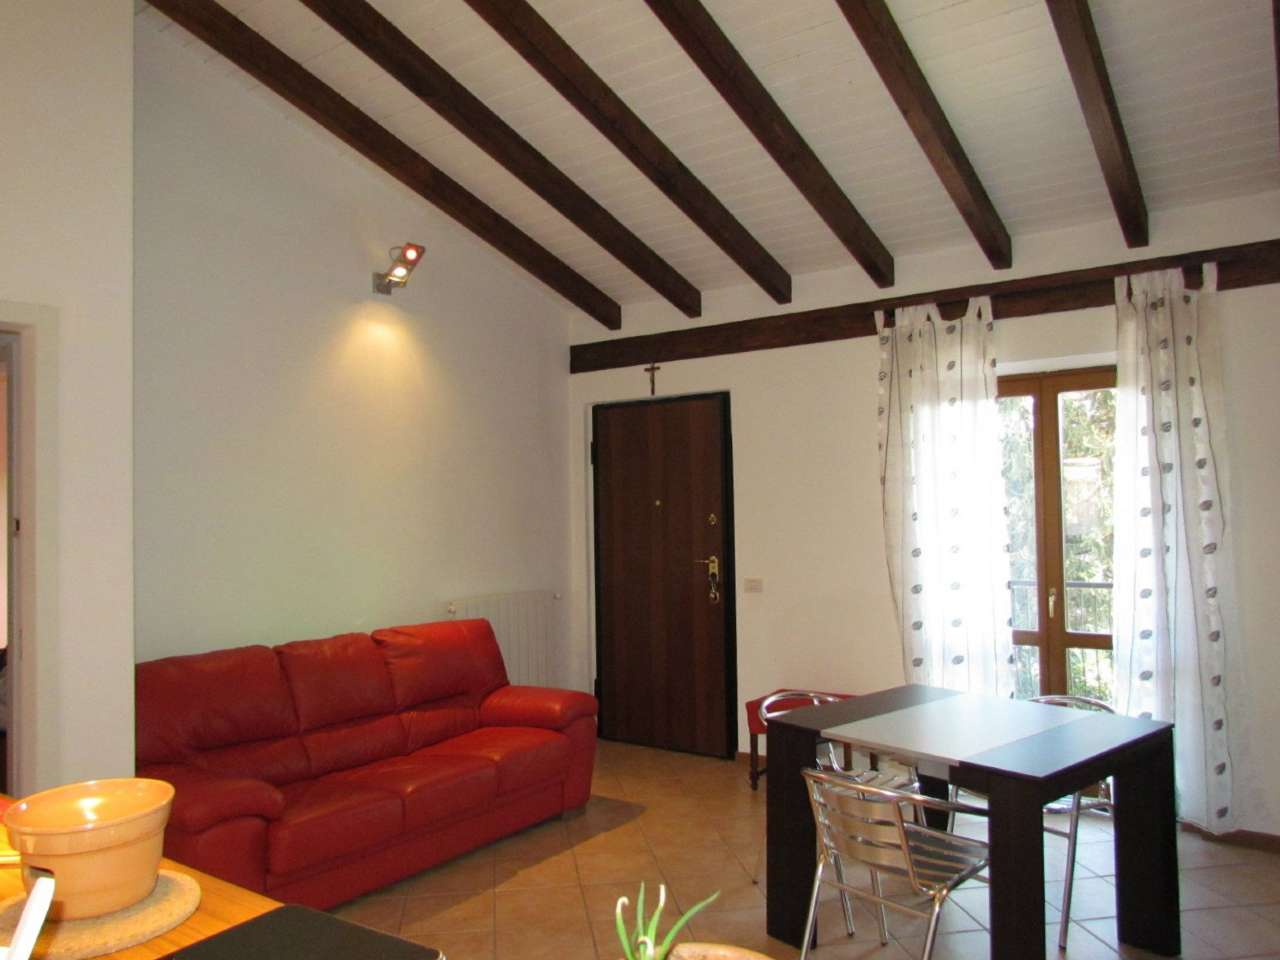 Appartamento in vendita a Tradate, 3 locali, prezzo € 145.000 | CambioCasa.it